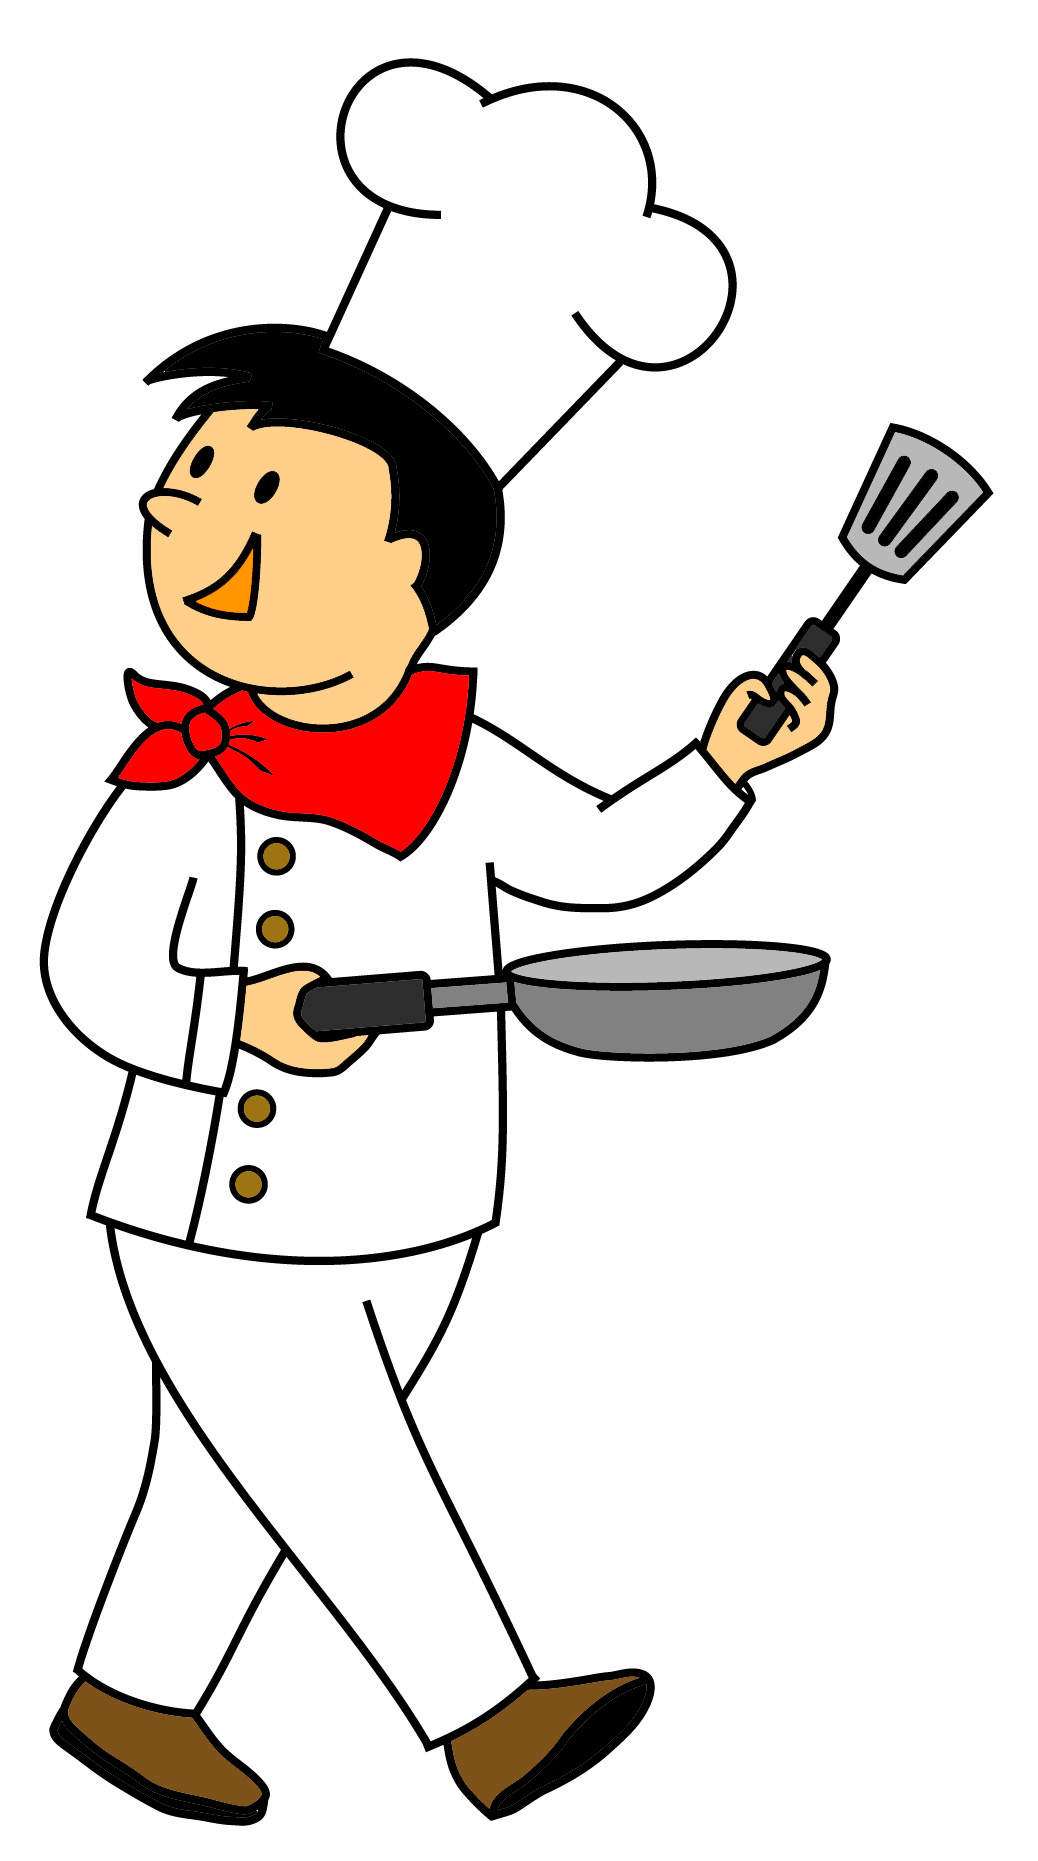 Cooker Clip Art ~ Cooker cartoon clipart suggest